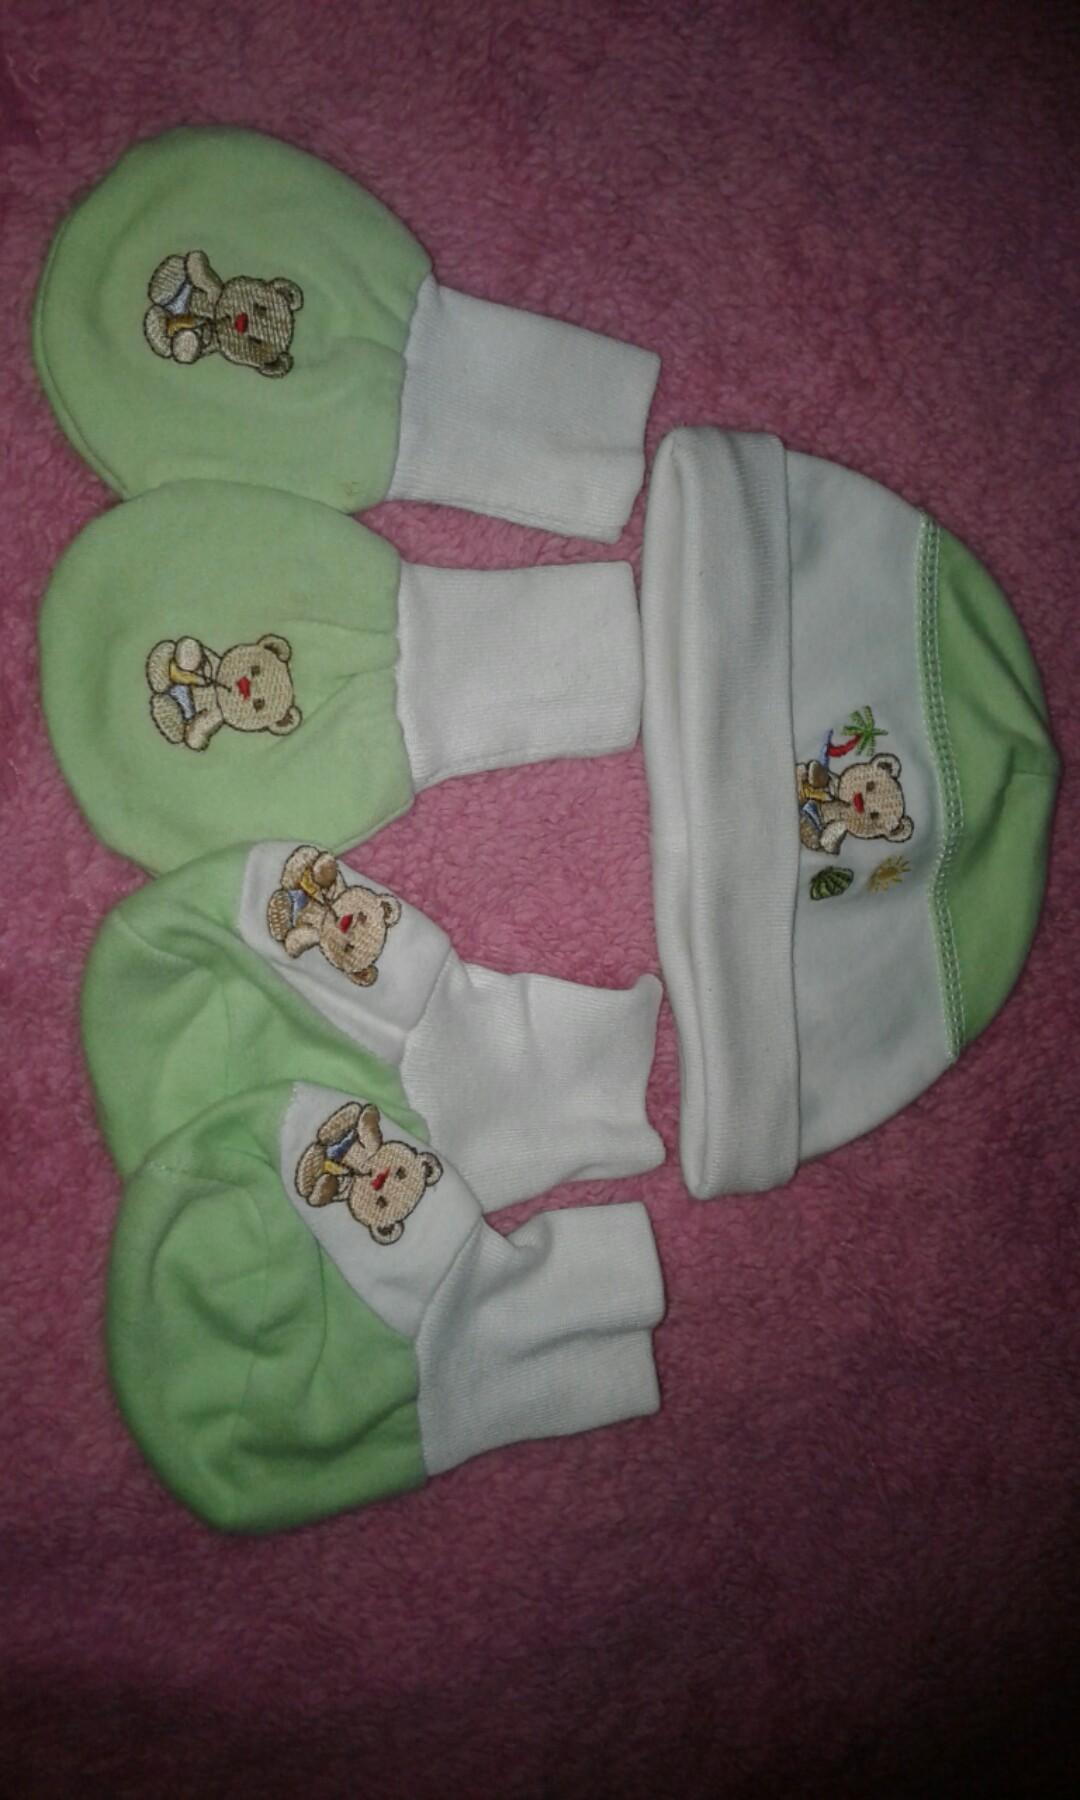 kupluk n sarung tangan kaki bayi